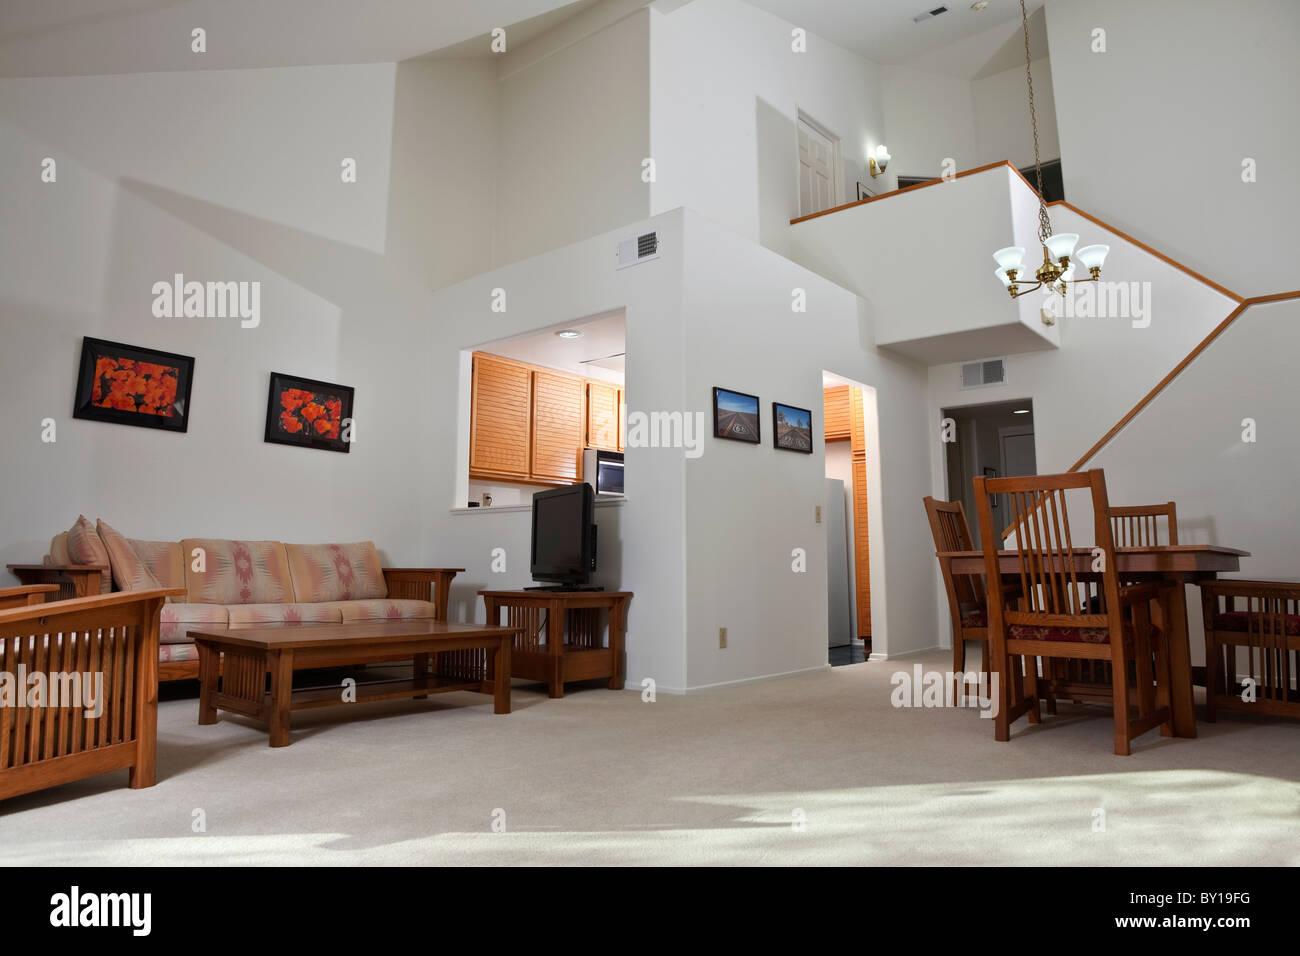 Sonnigen California Stadthaus Stil Wohnung Wohnzimmer. Die Wandkunst (Fotos) sind Werk des Fotografen und enthalten Stockbild